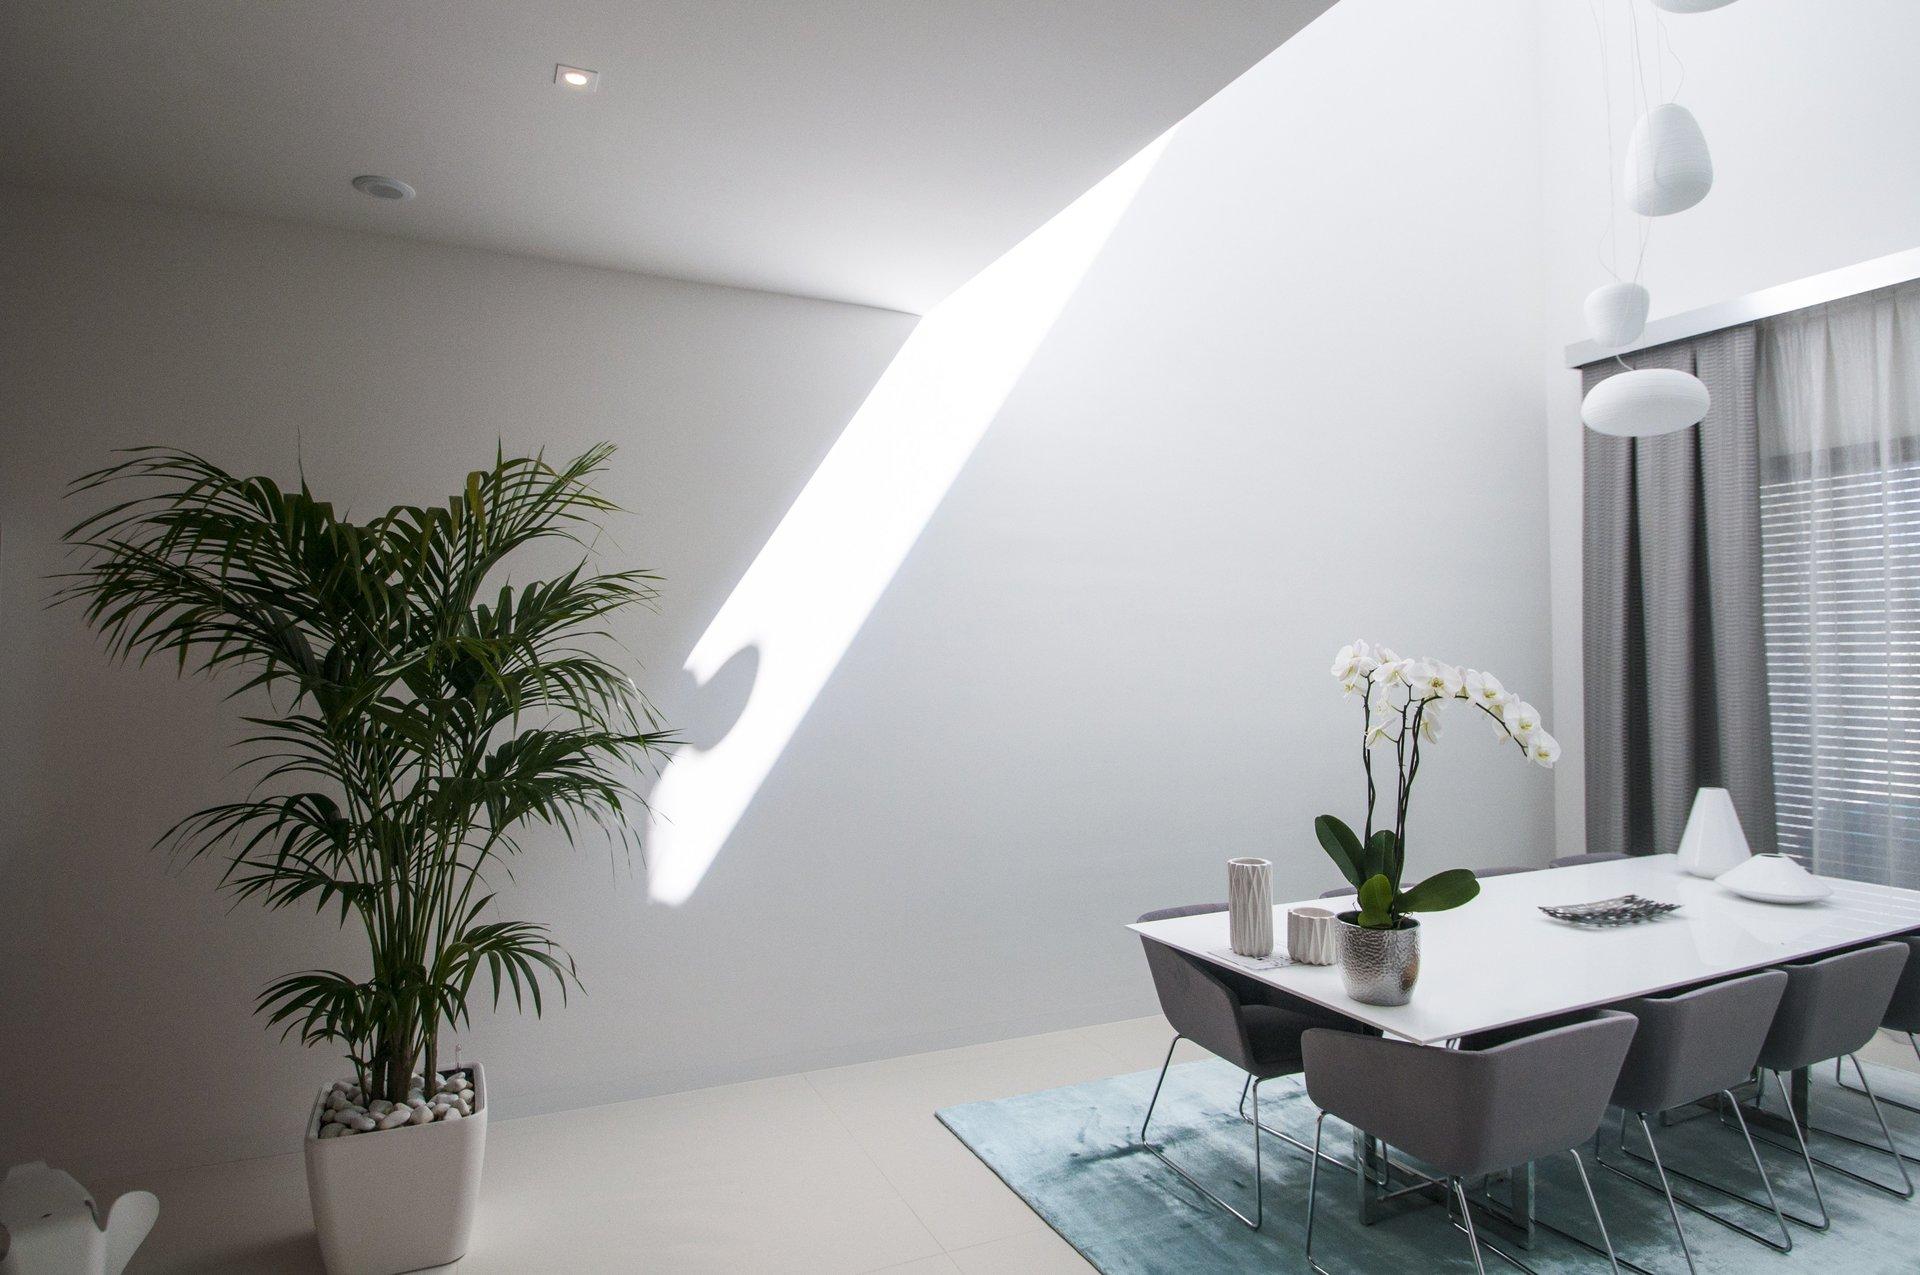 Comedor de diseño en vivienda unifamiliar moderna en Almeria. Arquitectura moderna en Almeria. Interiorismo Almeria.